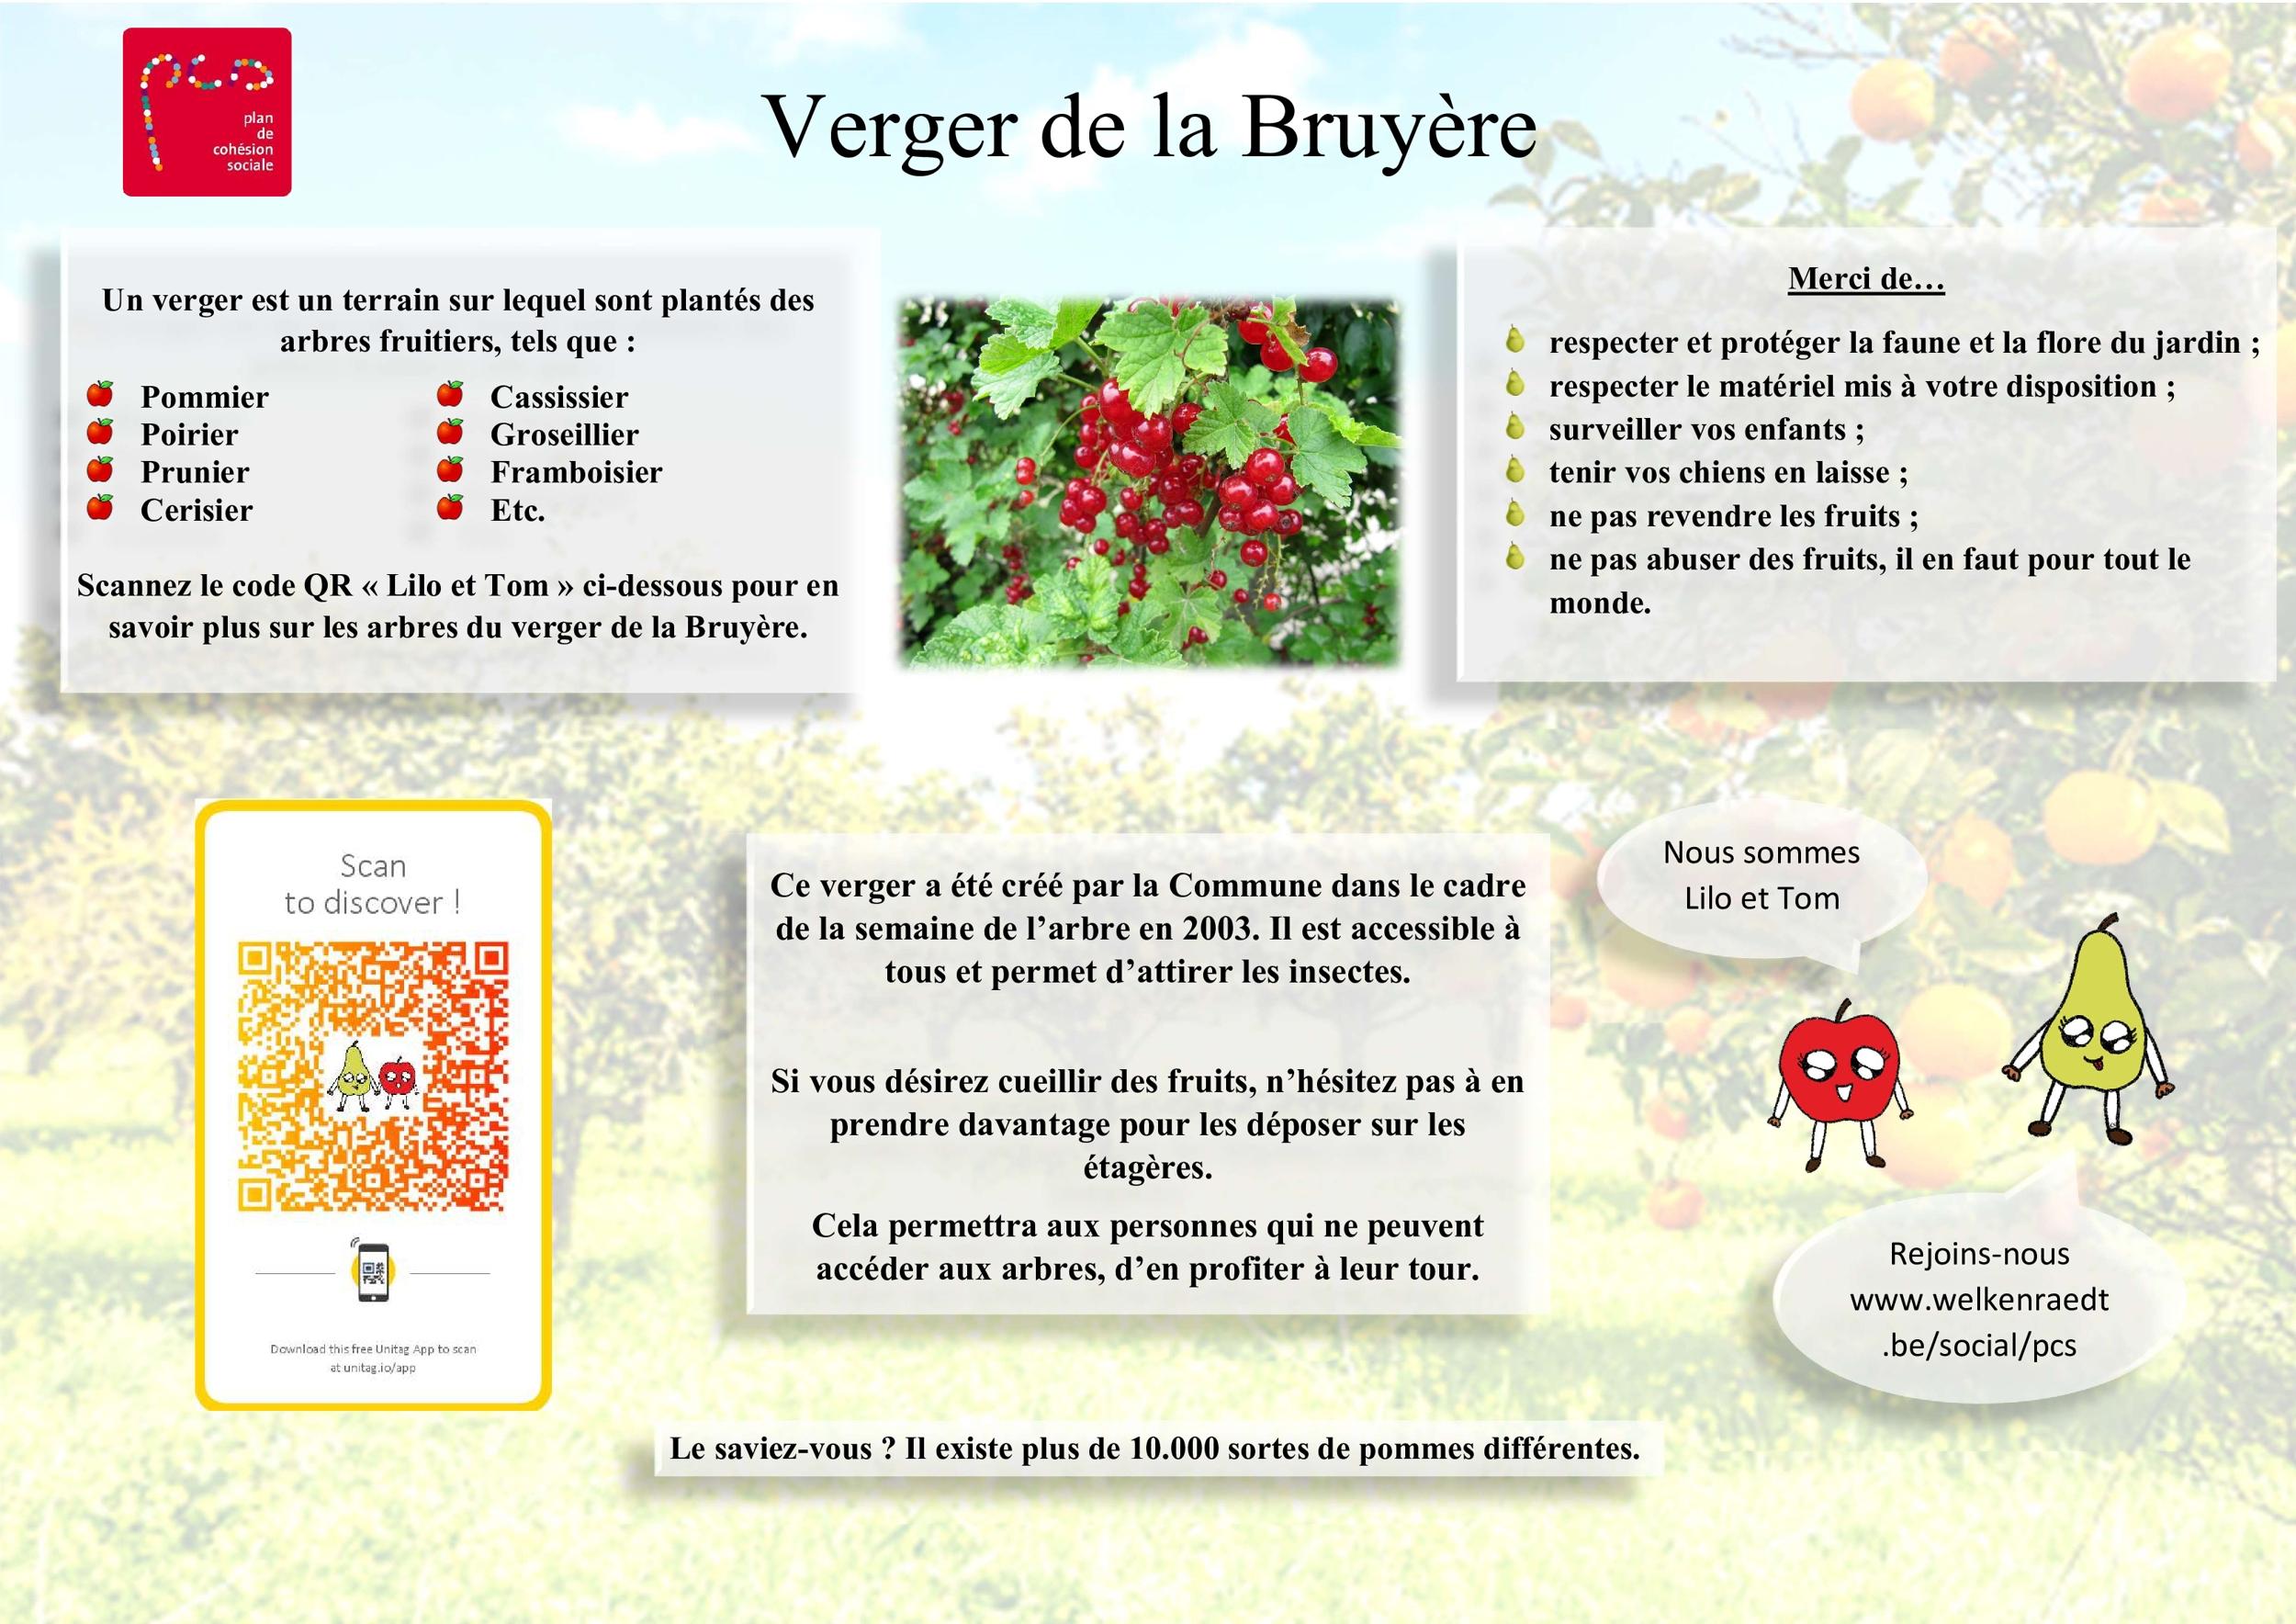 Verger-de-la-Bruyère.jpeg